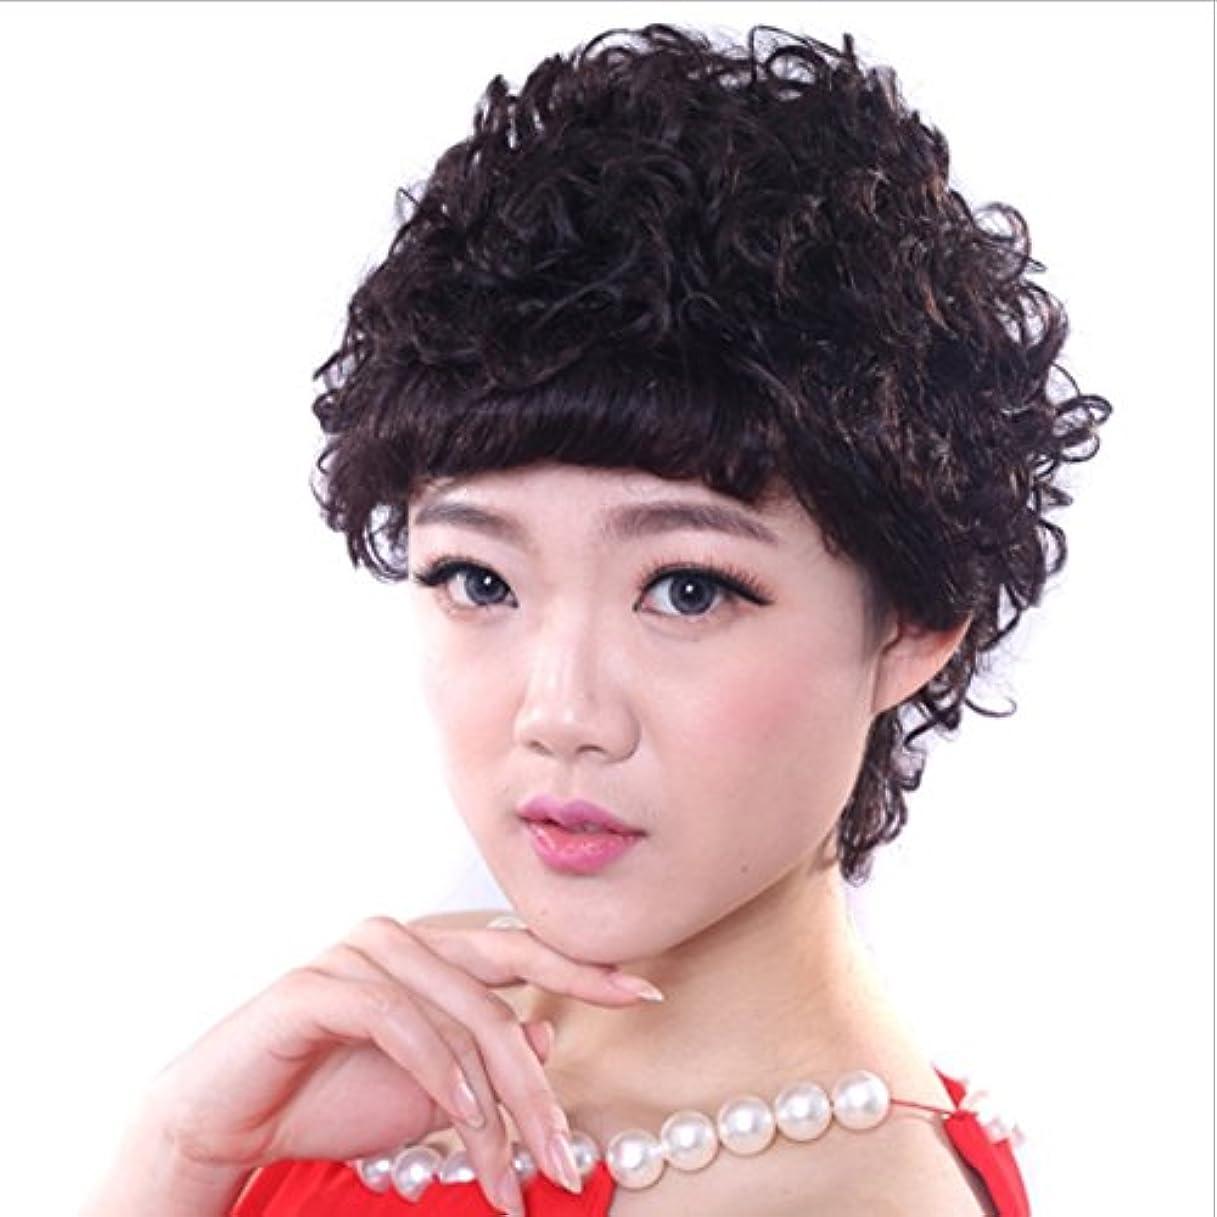 くさび排出緯度YOUQIU ナチュラルブラックショートカーリーウィッグ - 傾斜中年のために前髪合成デイリーウィッグと古い女性自然な実髪(ブラック)かつらと春巻きウィッグ (色 : 黒)